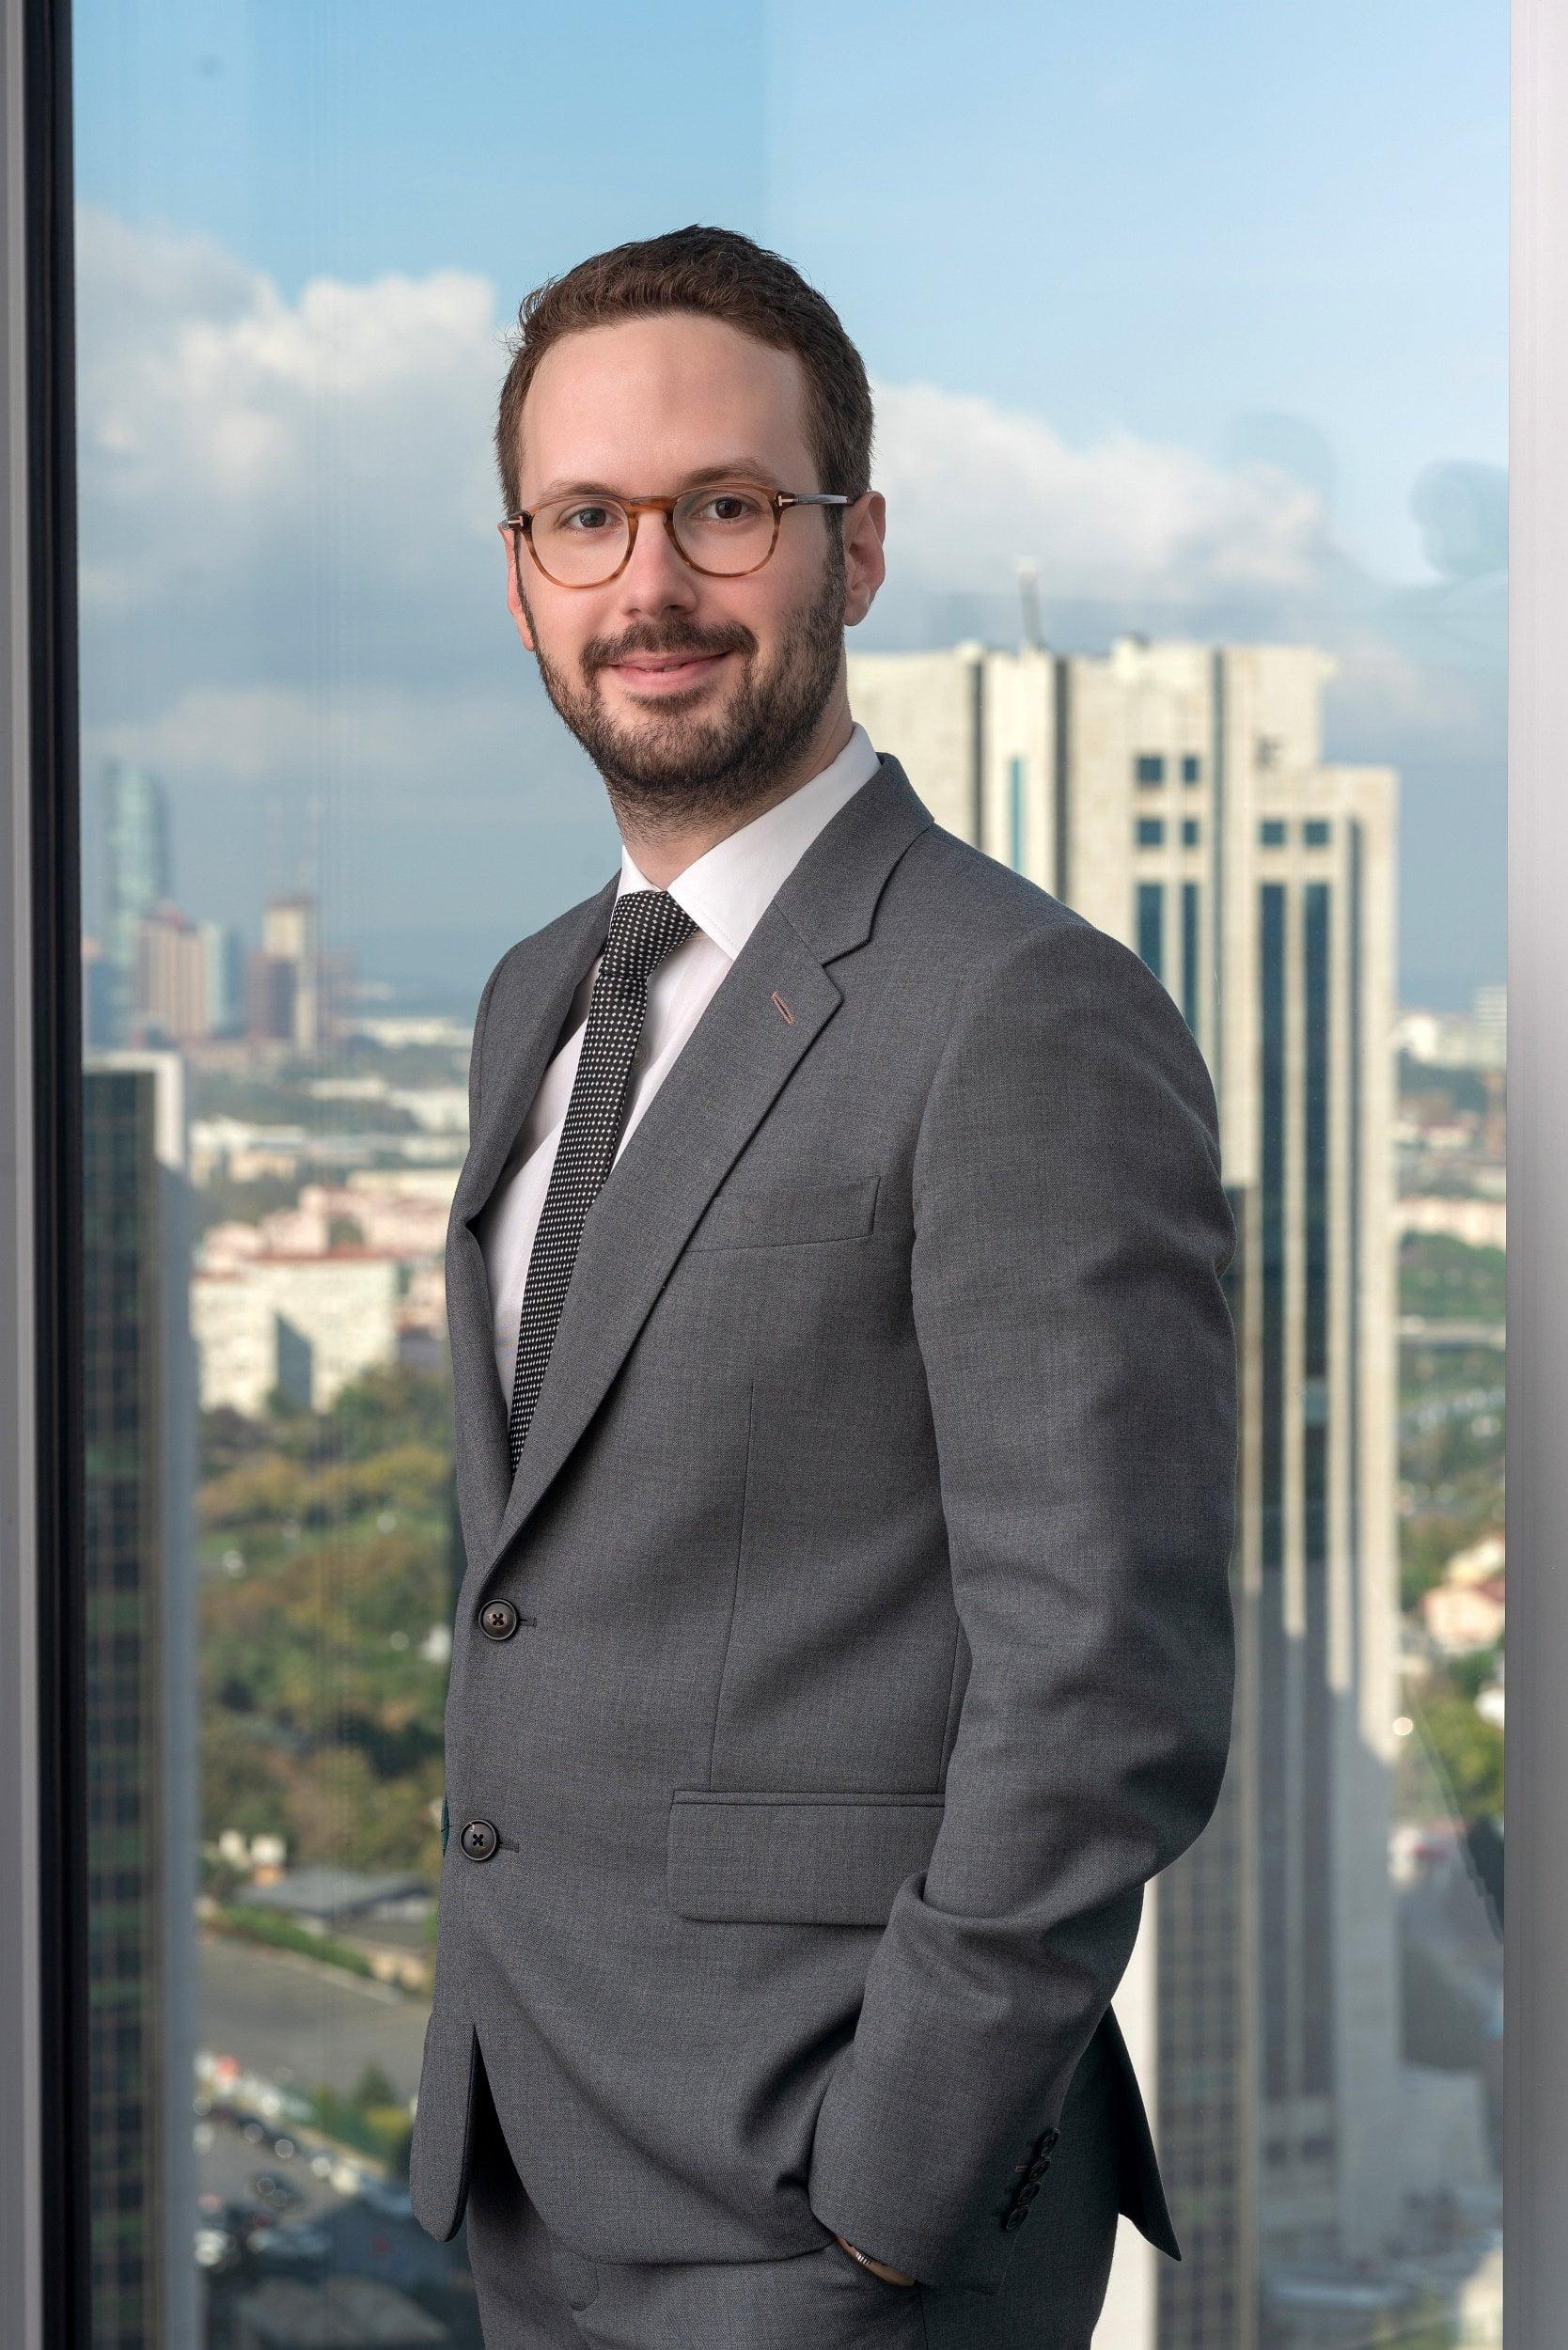 Profesyonel İş Portre Fotoğraf Çekimi BRK01184 pp